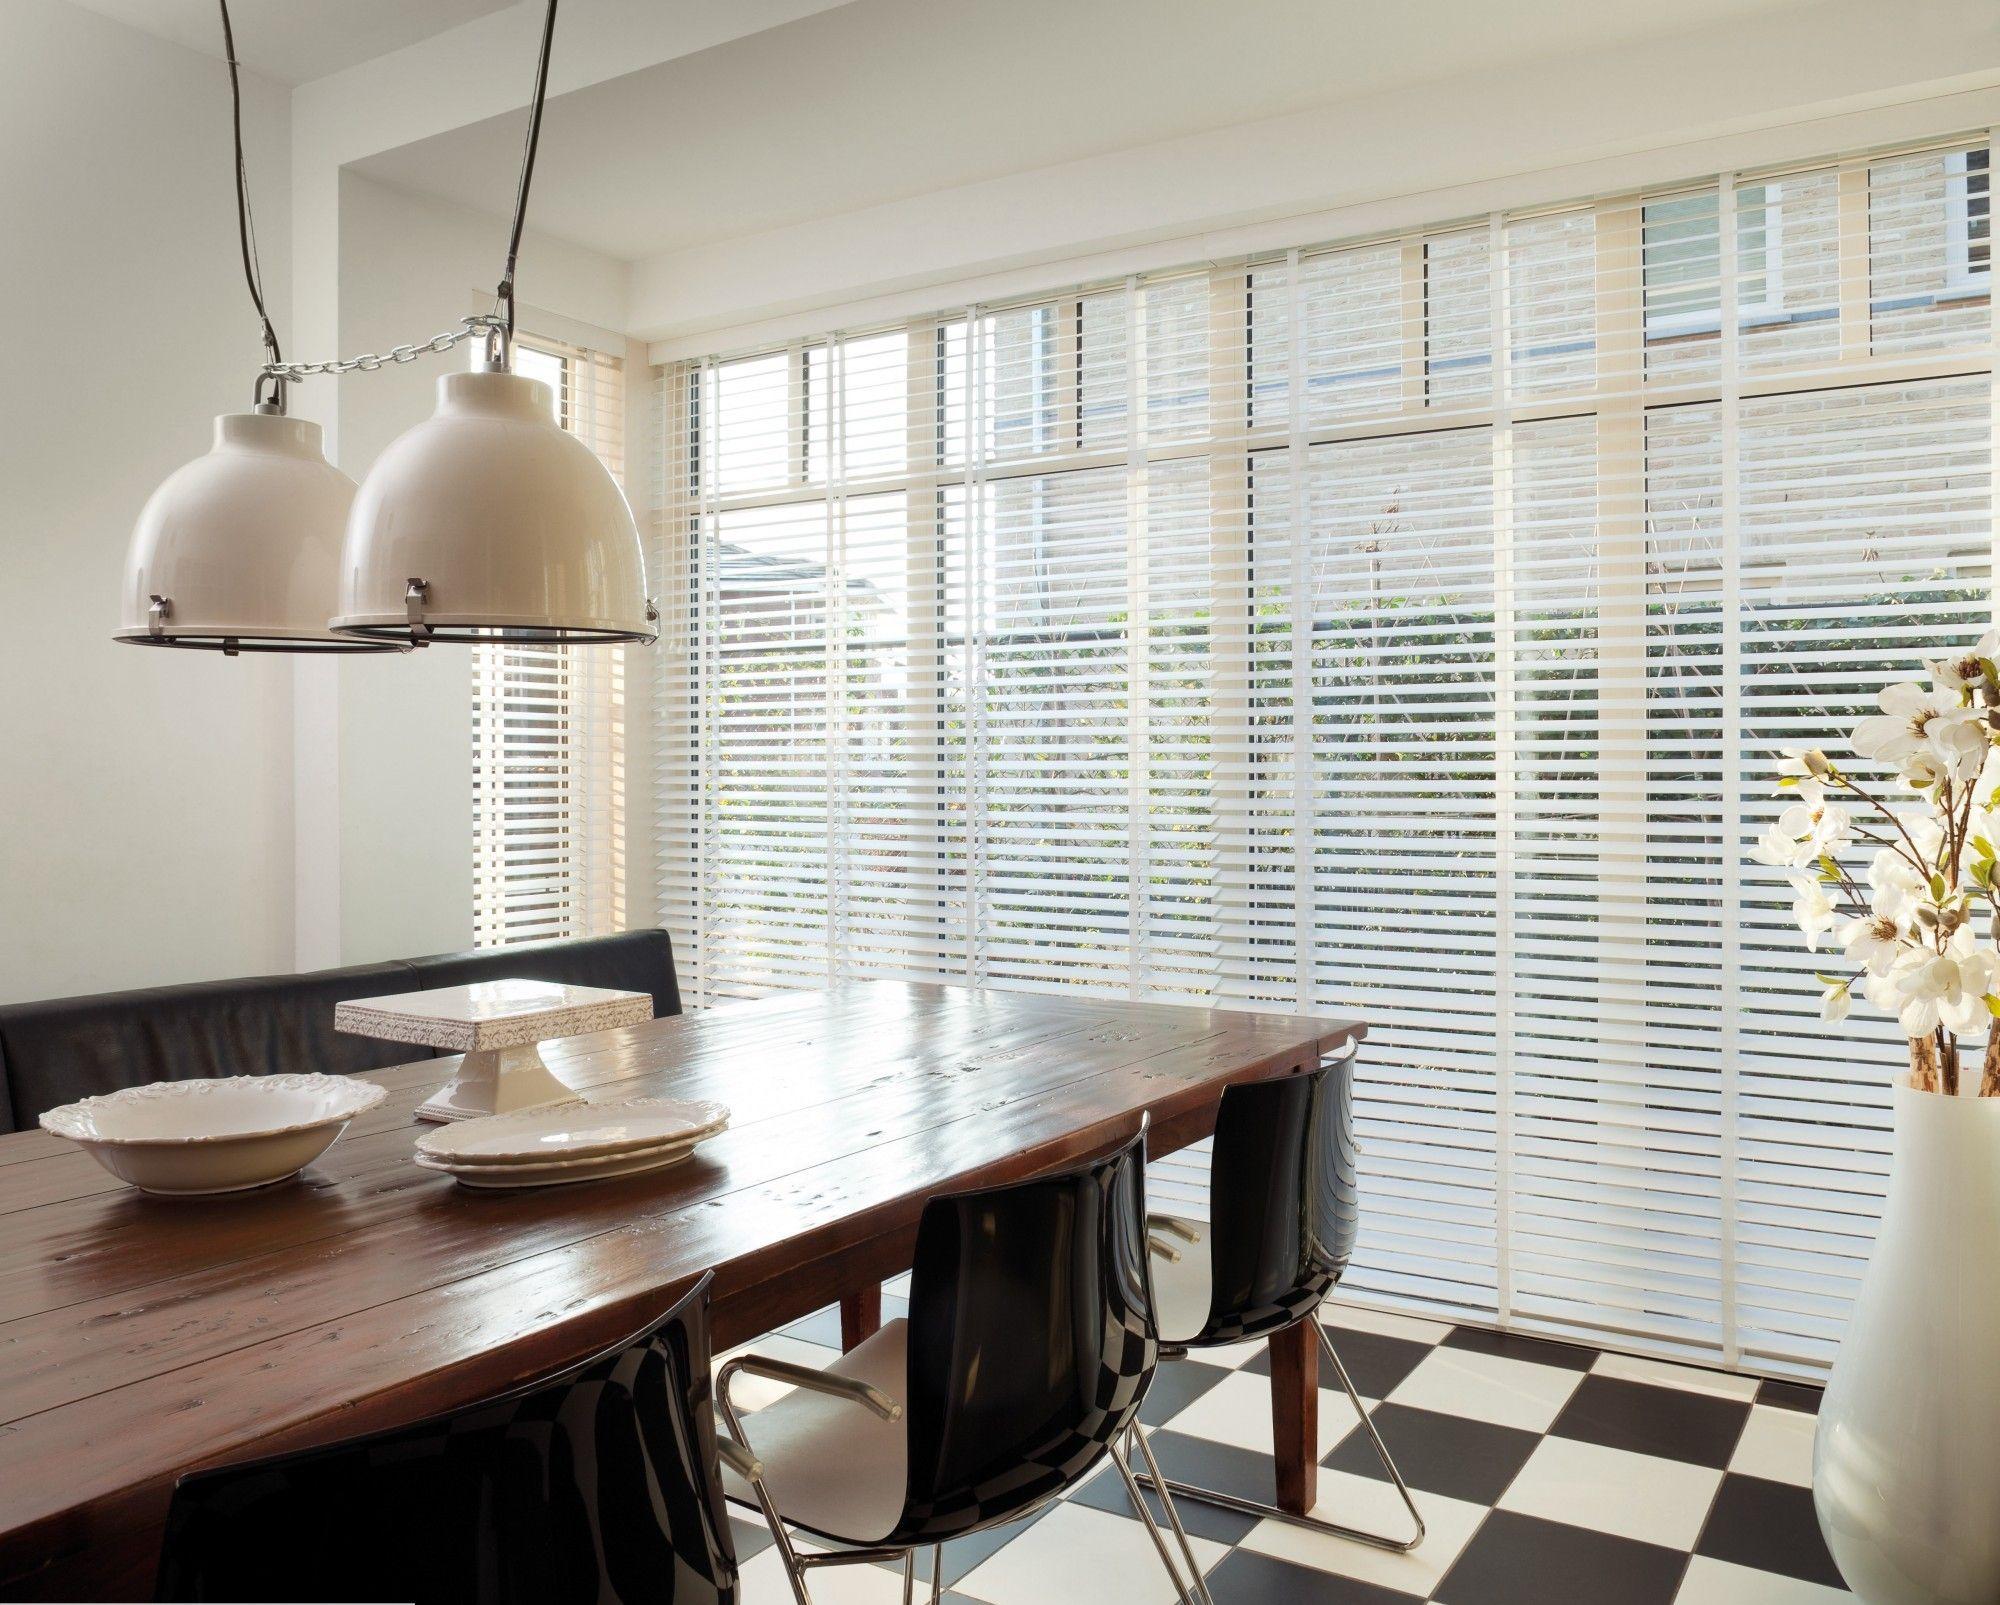 De gordijnspecialist jaloezie hout wit keuken huis home decor